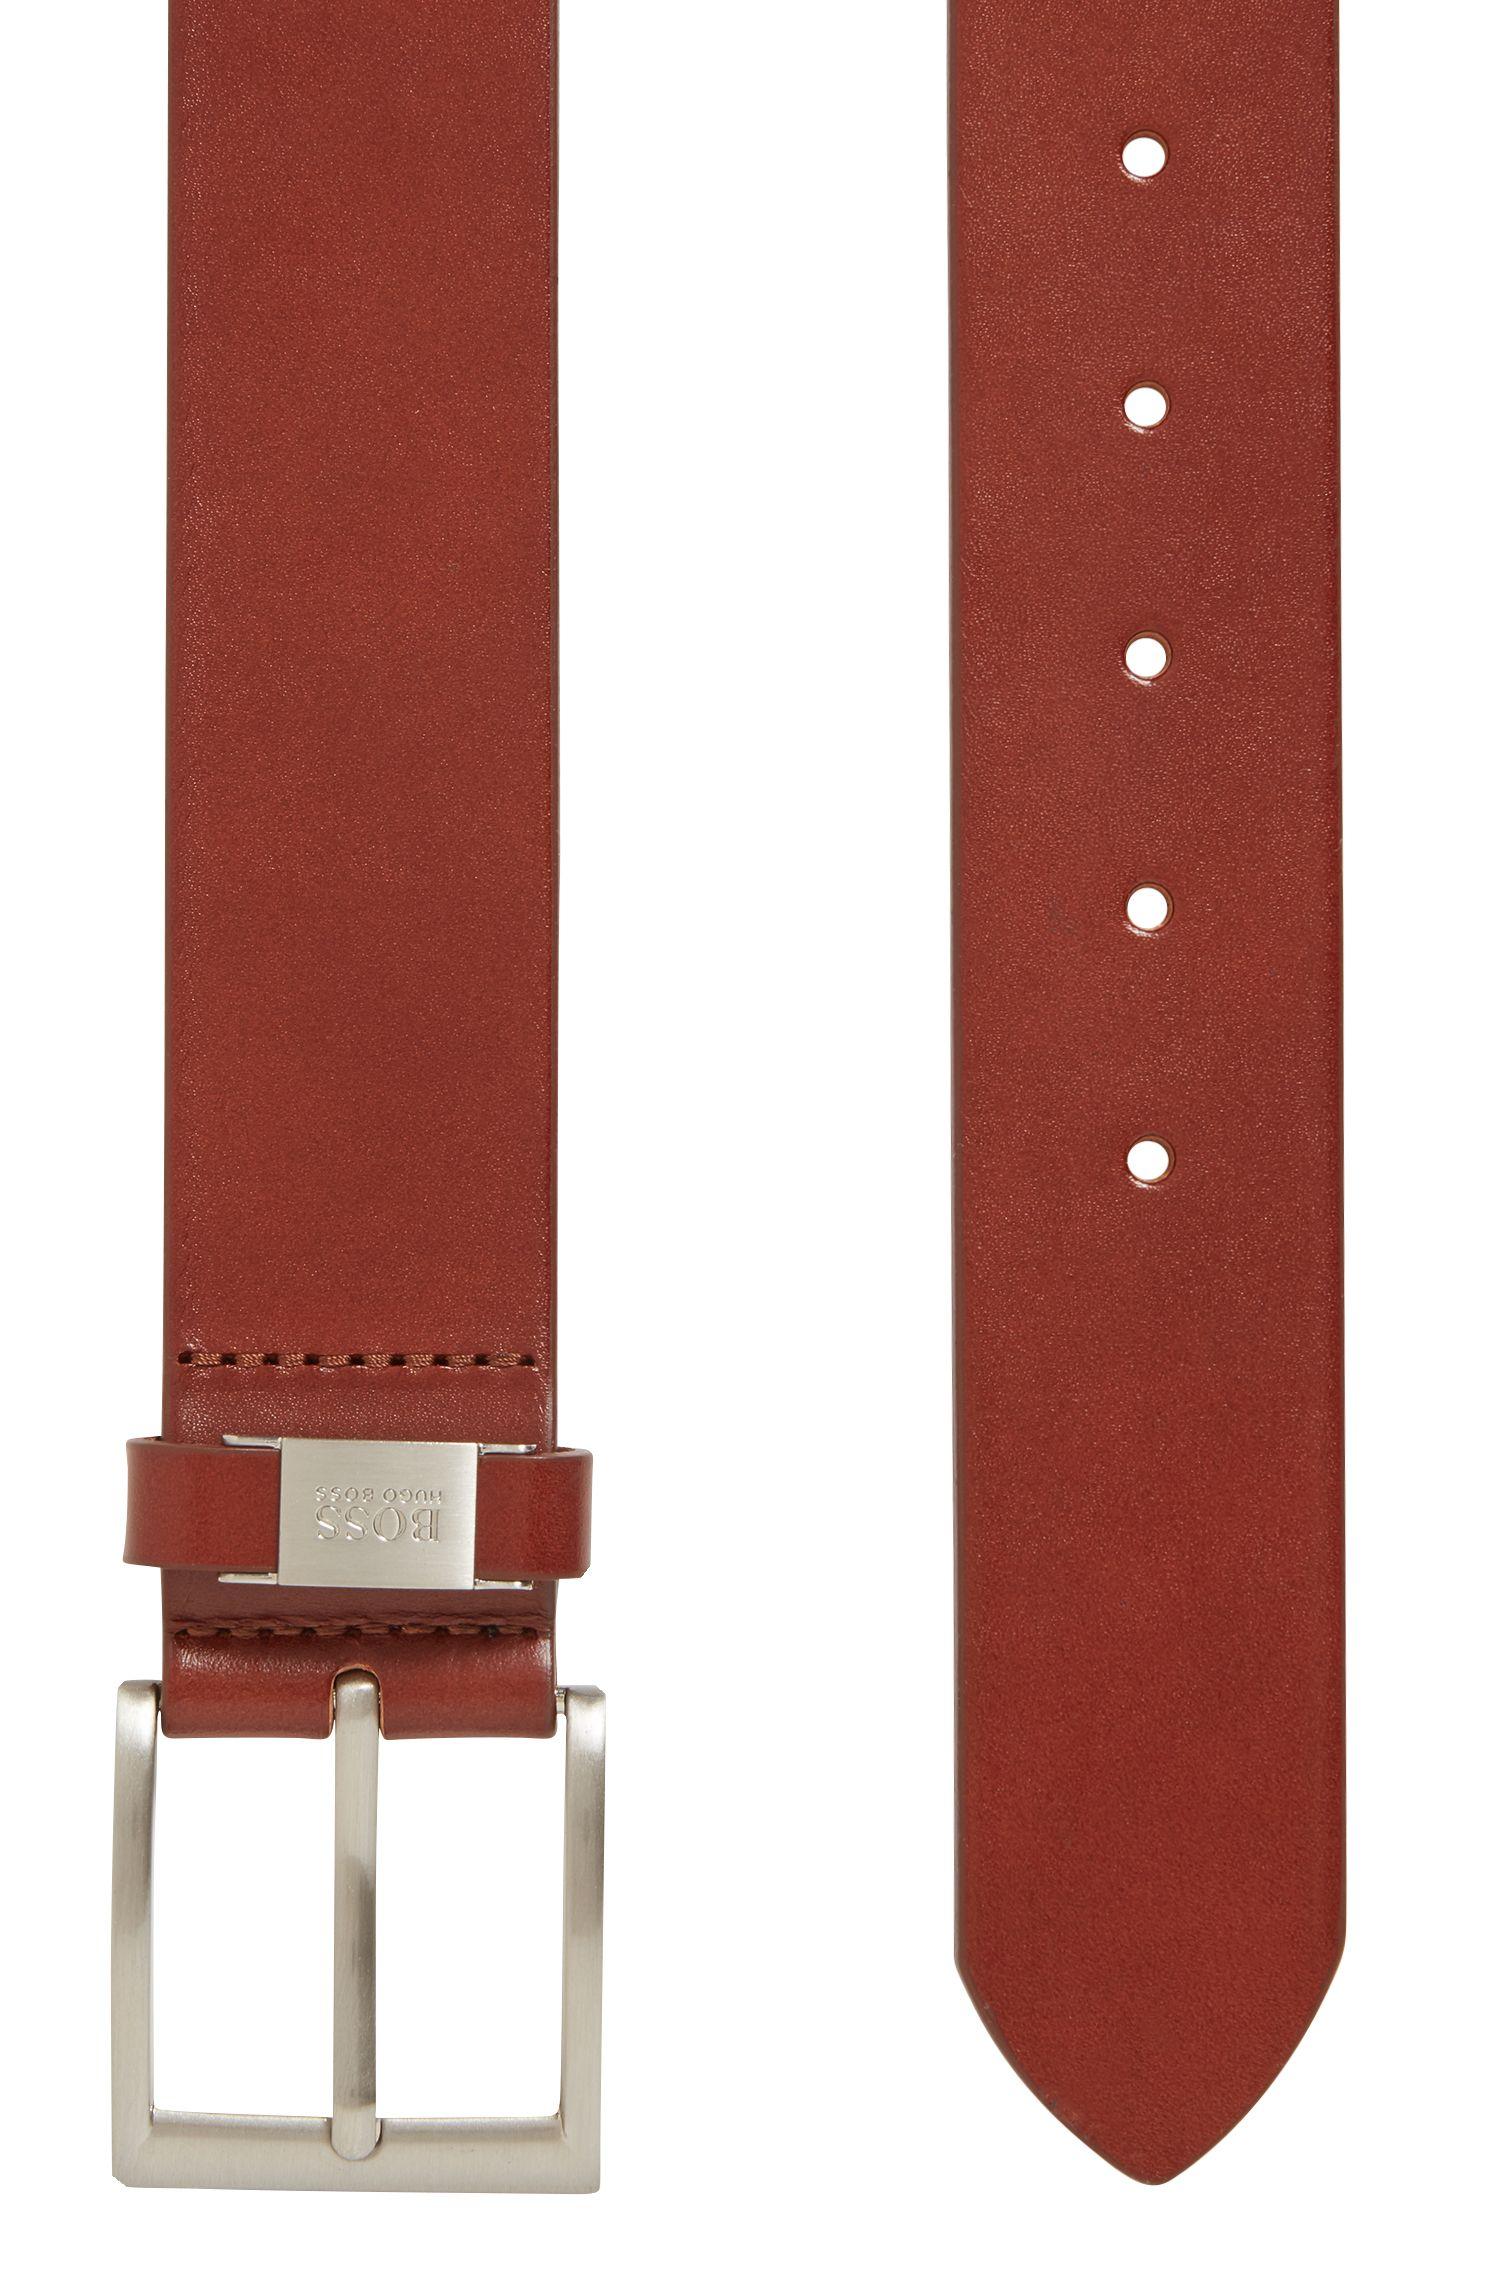 Ledergürtel mit Metall-Detail an der Schlaufe, Braun